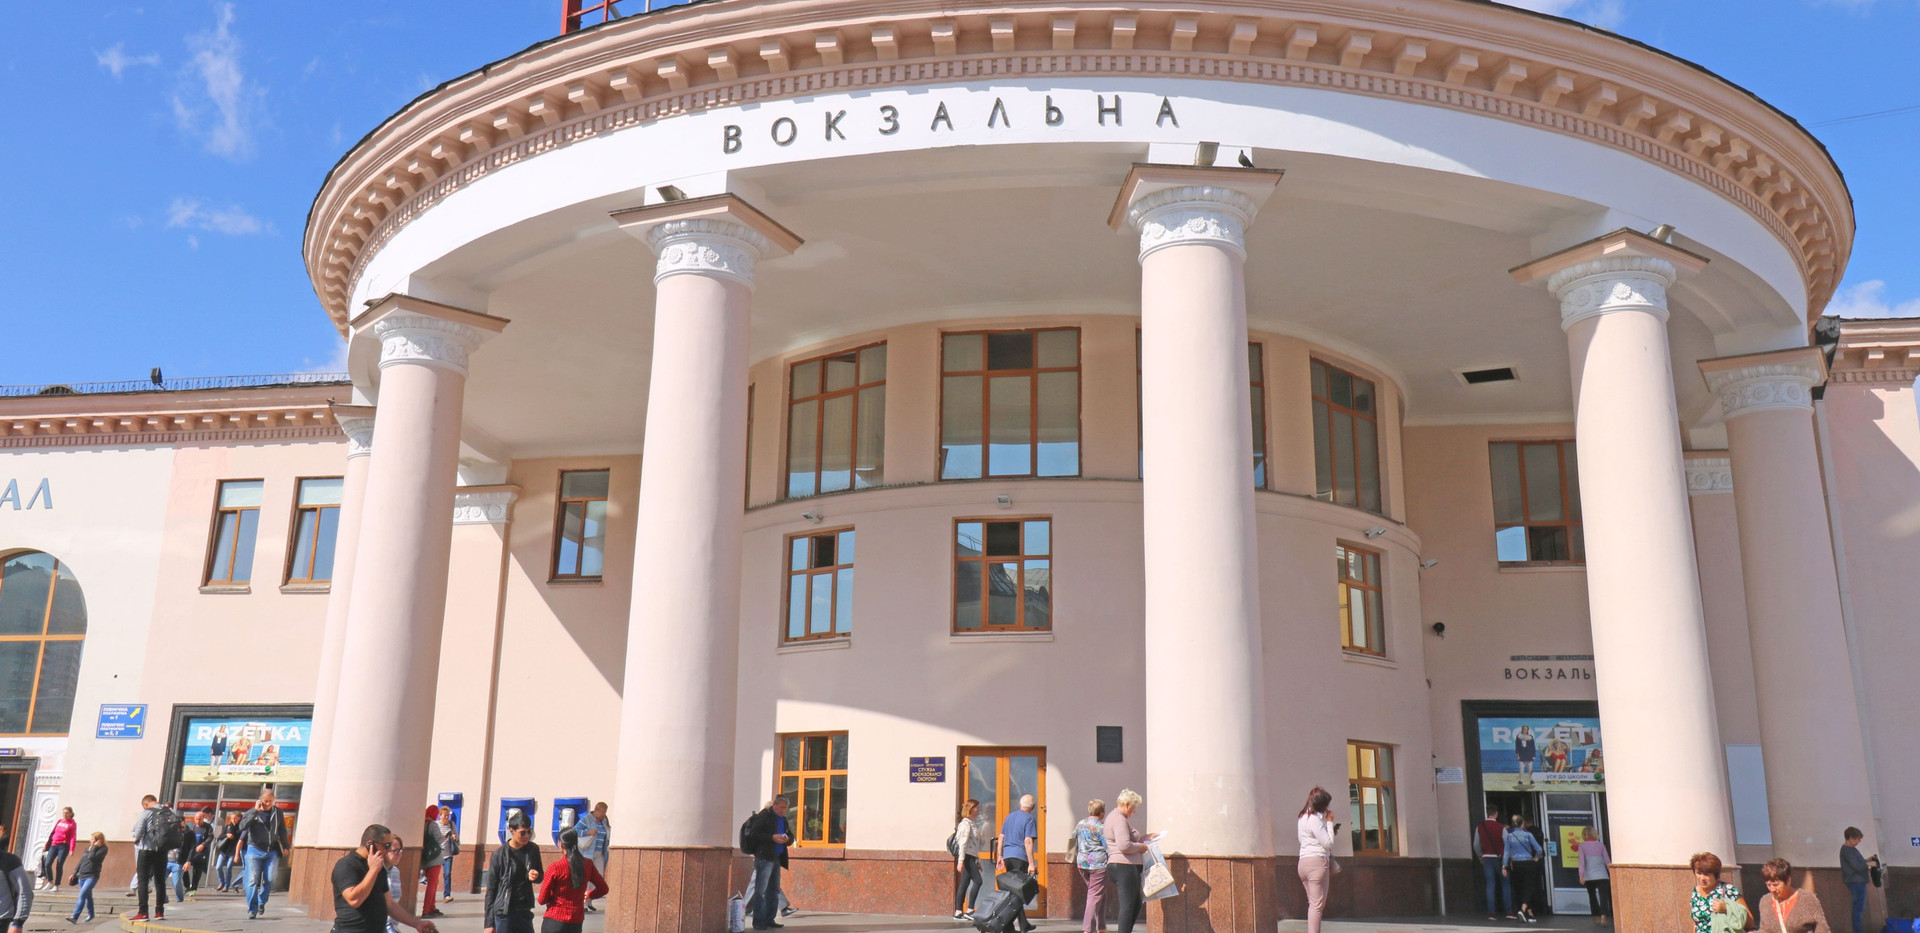 Vokzalna metro station